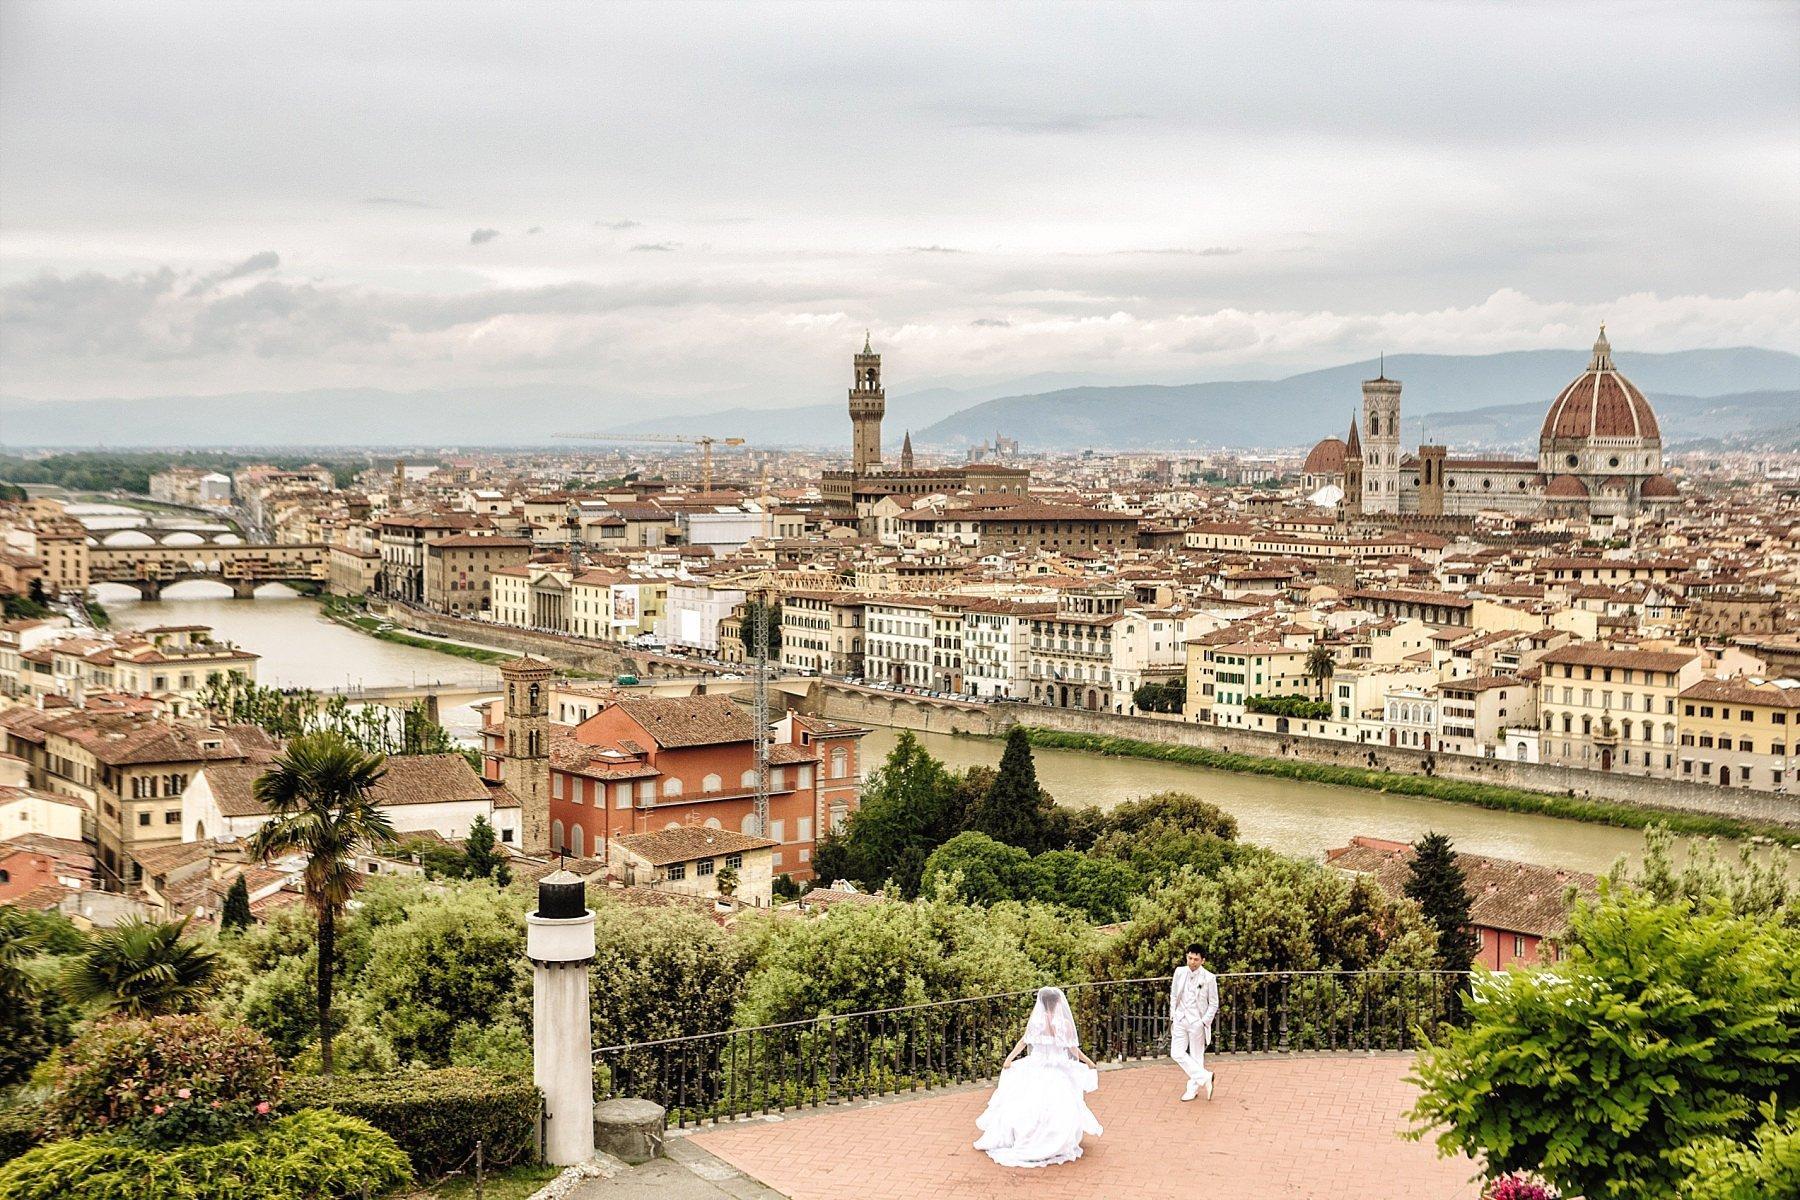 Fotografia di matrimonio a Firenze al Piazzale Michelangelo con Vista di Firenze